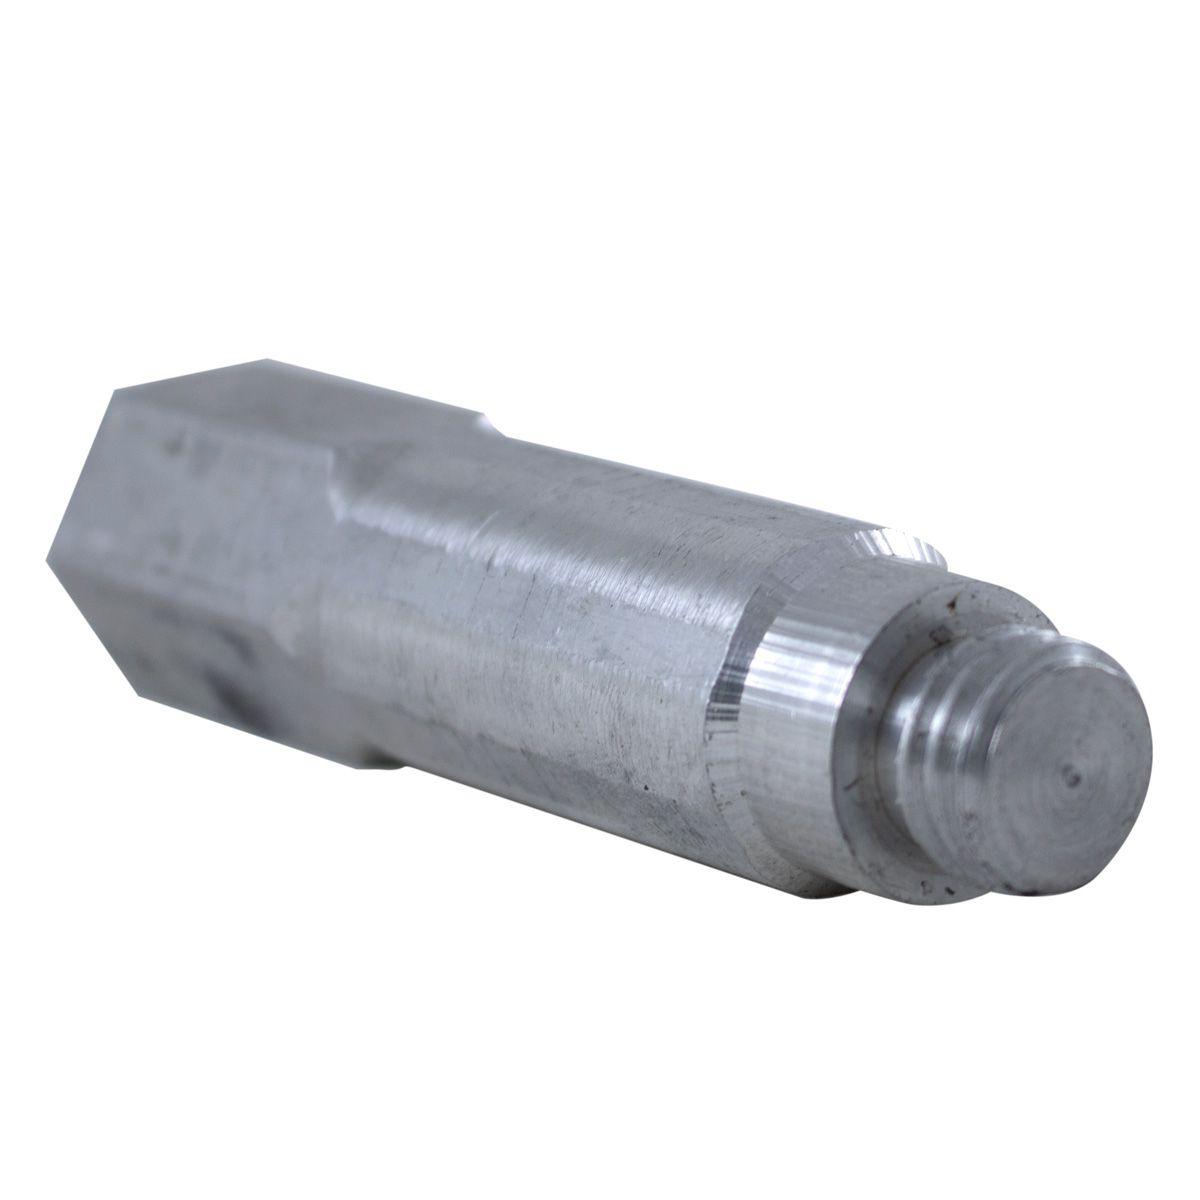 """Prolongador para Politriz 10cm com Rosca M14 para 5/8"""" - Detailer"""